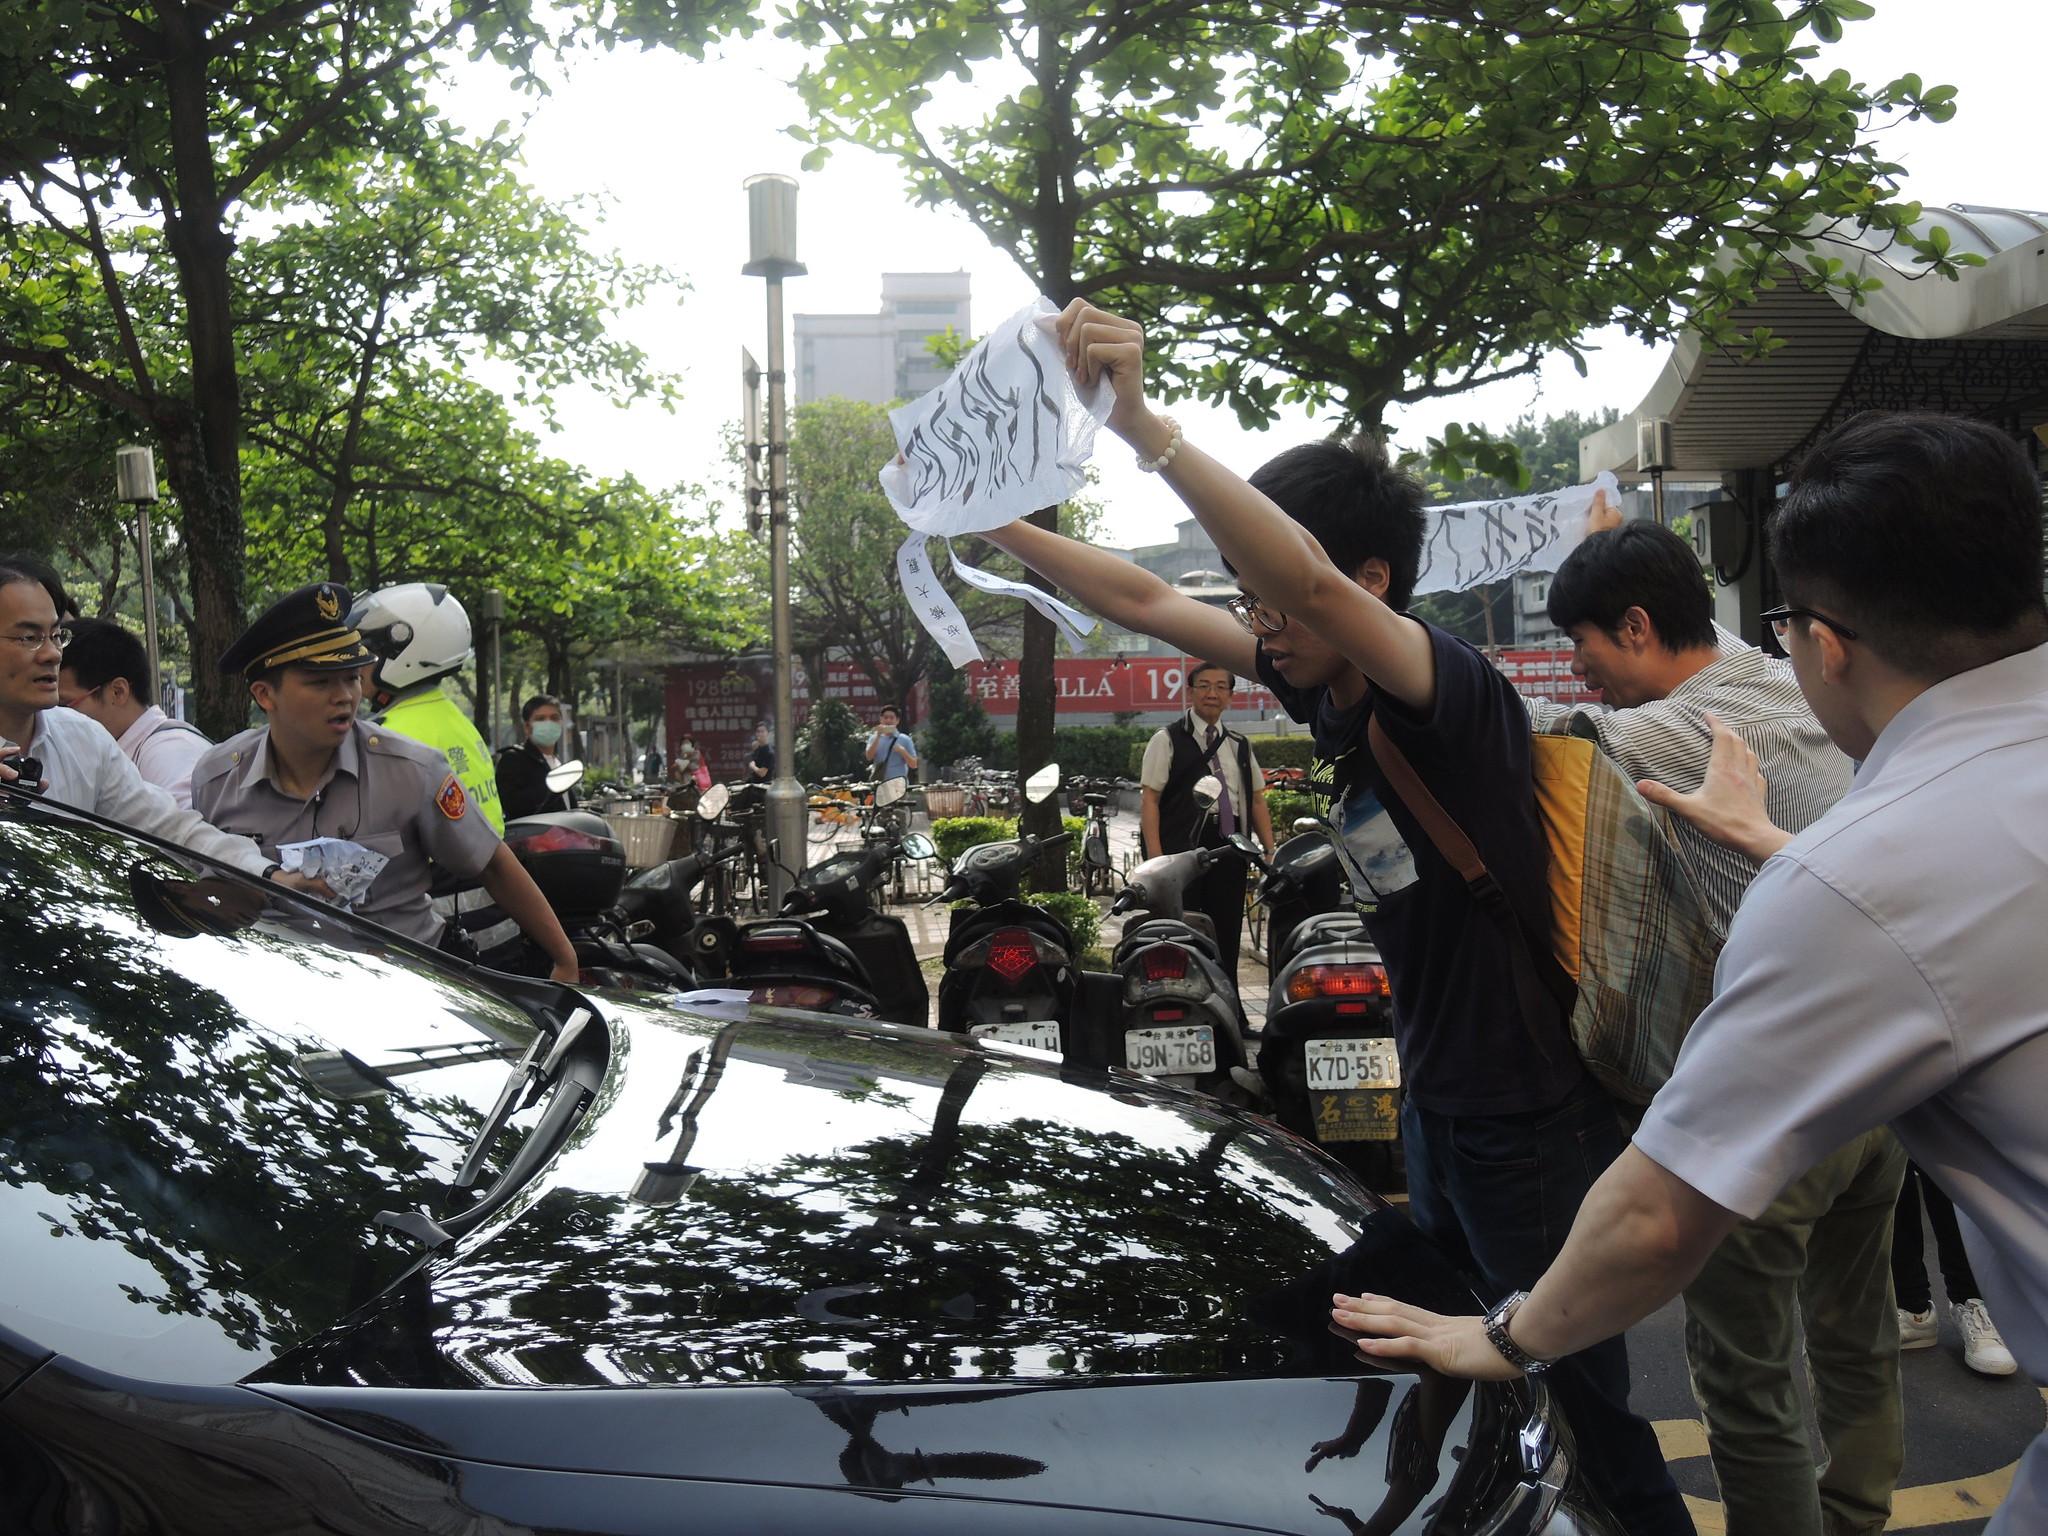 聲援者持續在巷子內阻擋林全車隊前進。(攝影:曾福全)